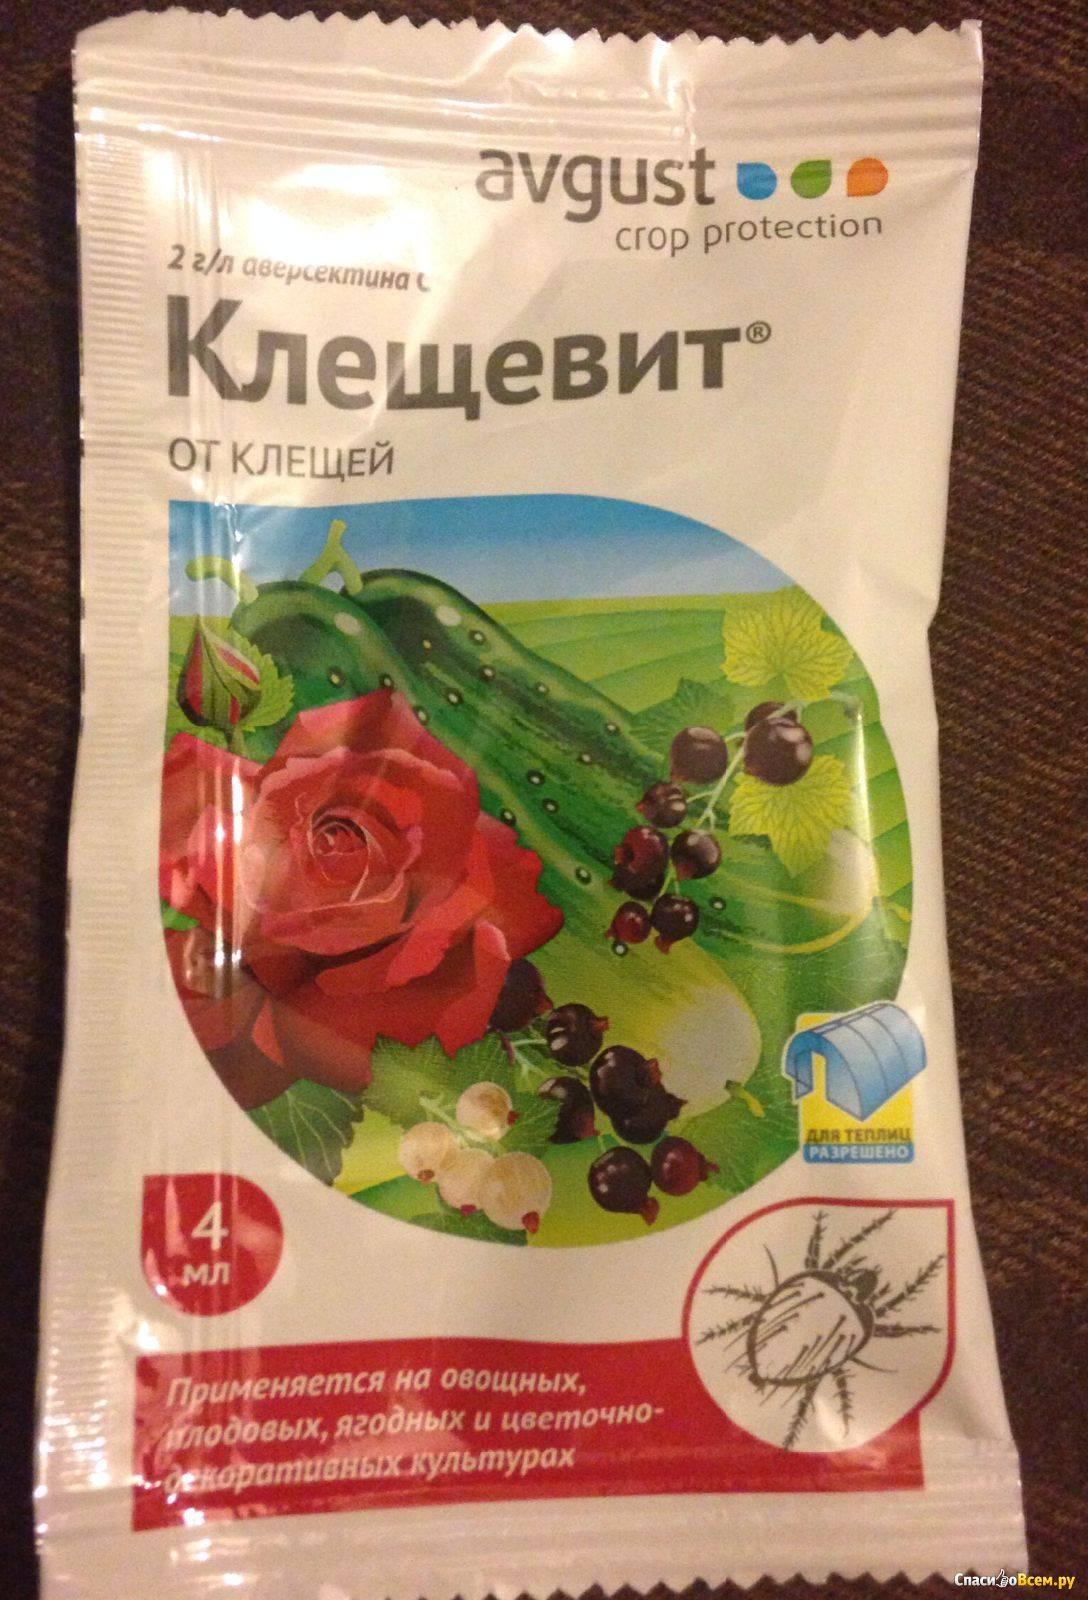 Клещевит для растений - инструкция по применению, состав